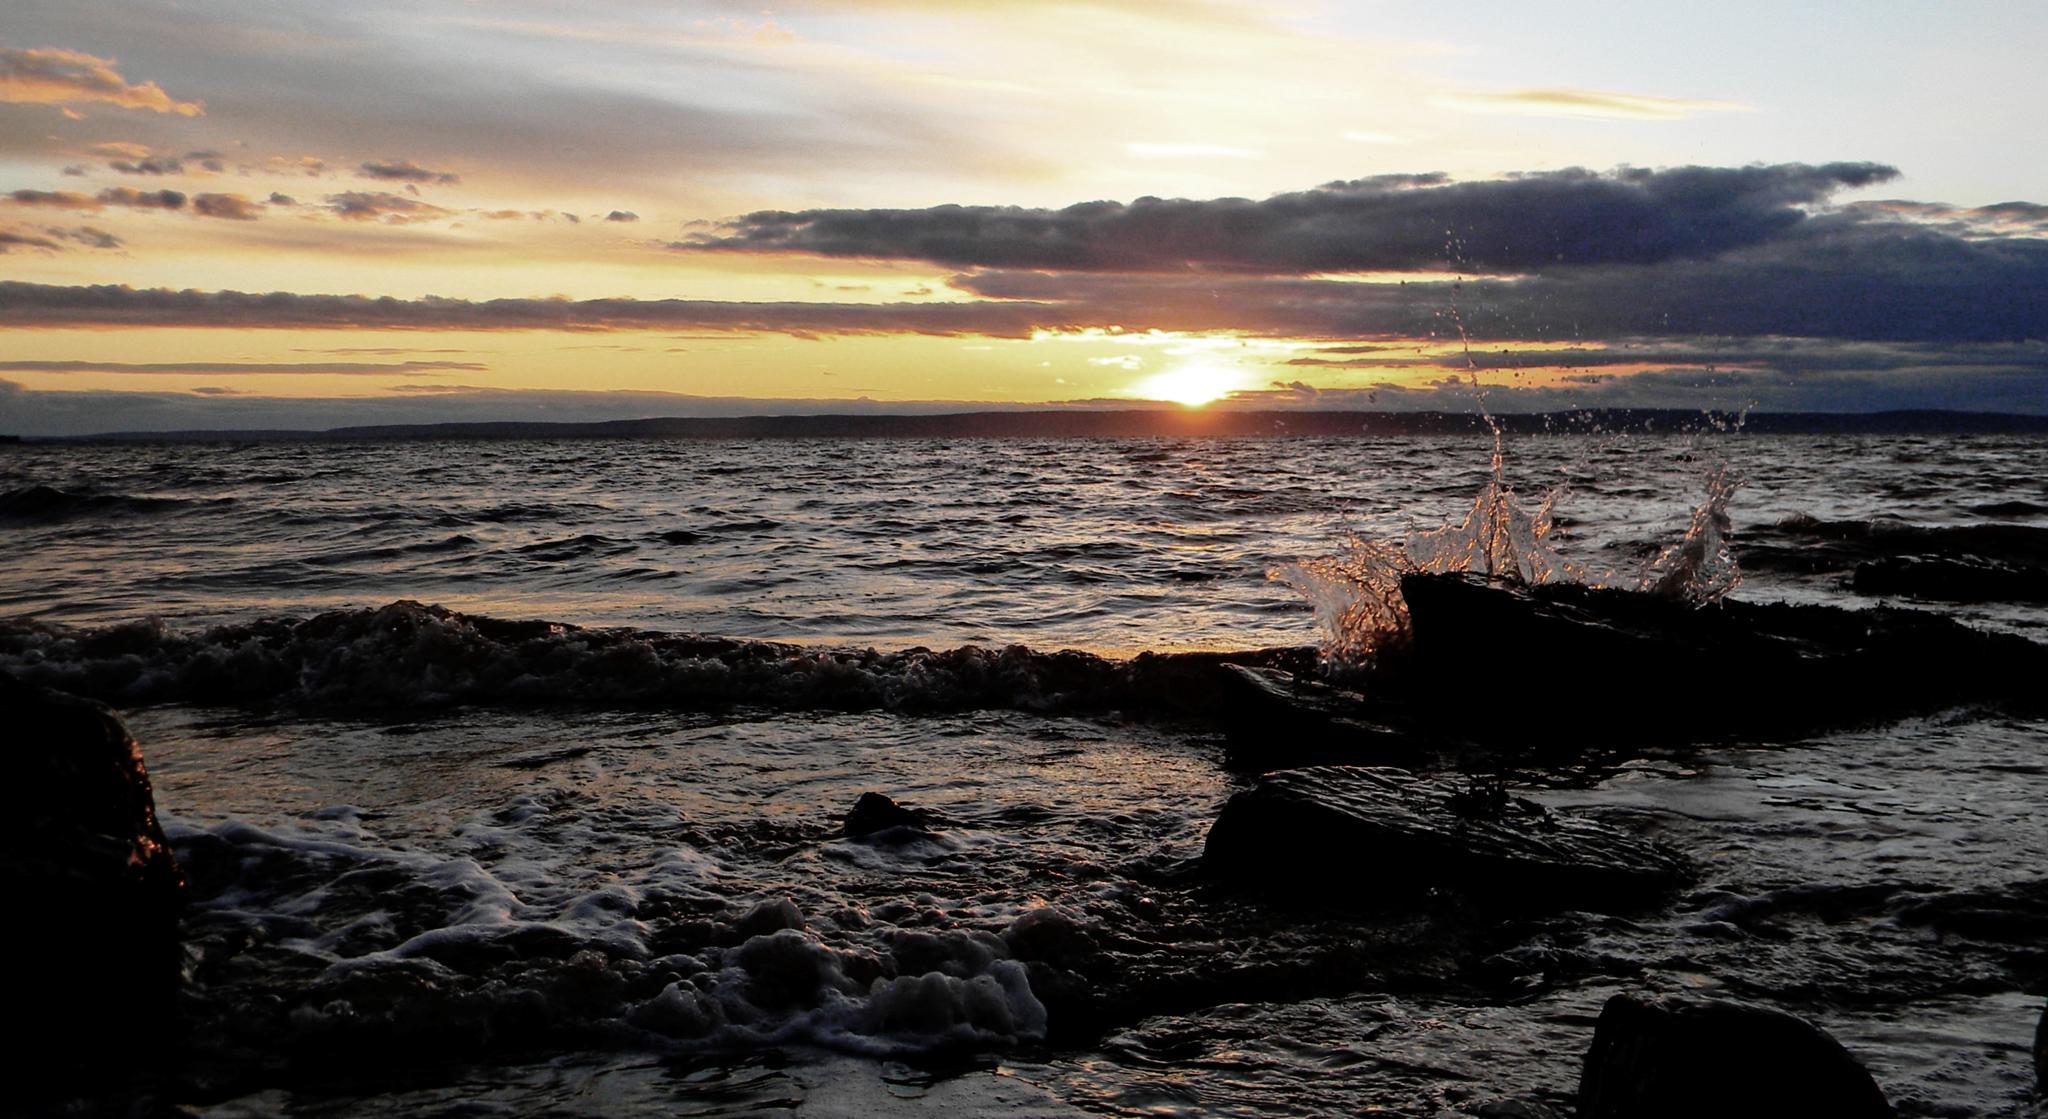 Sun Setting, Waves Crashing by Jesse Kalberlah